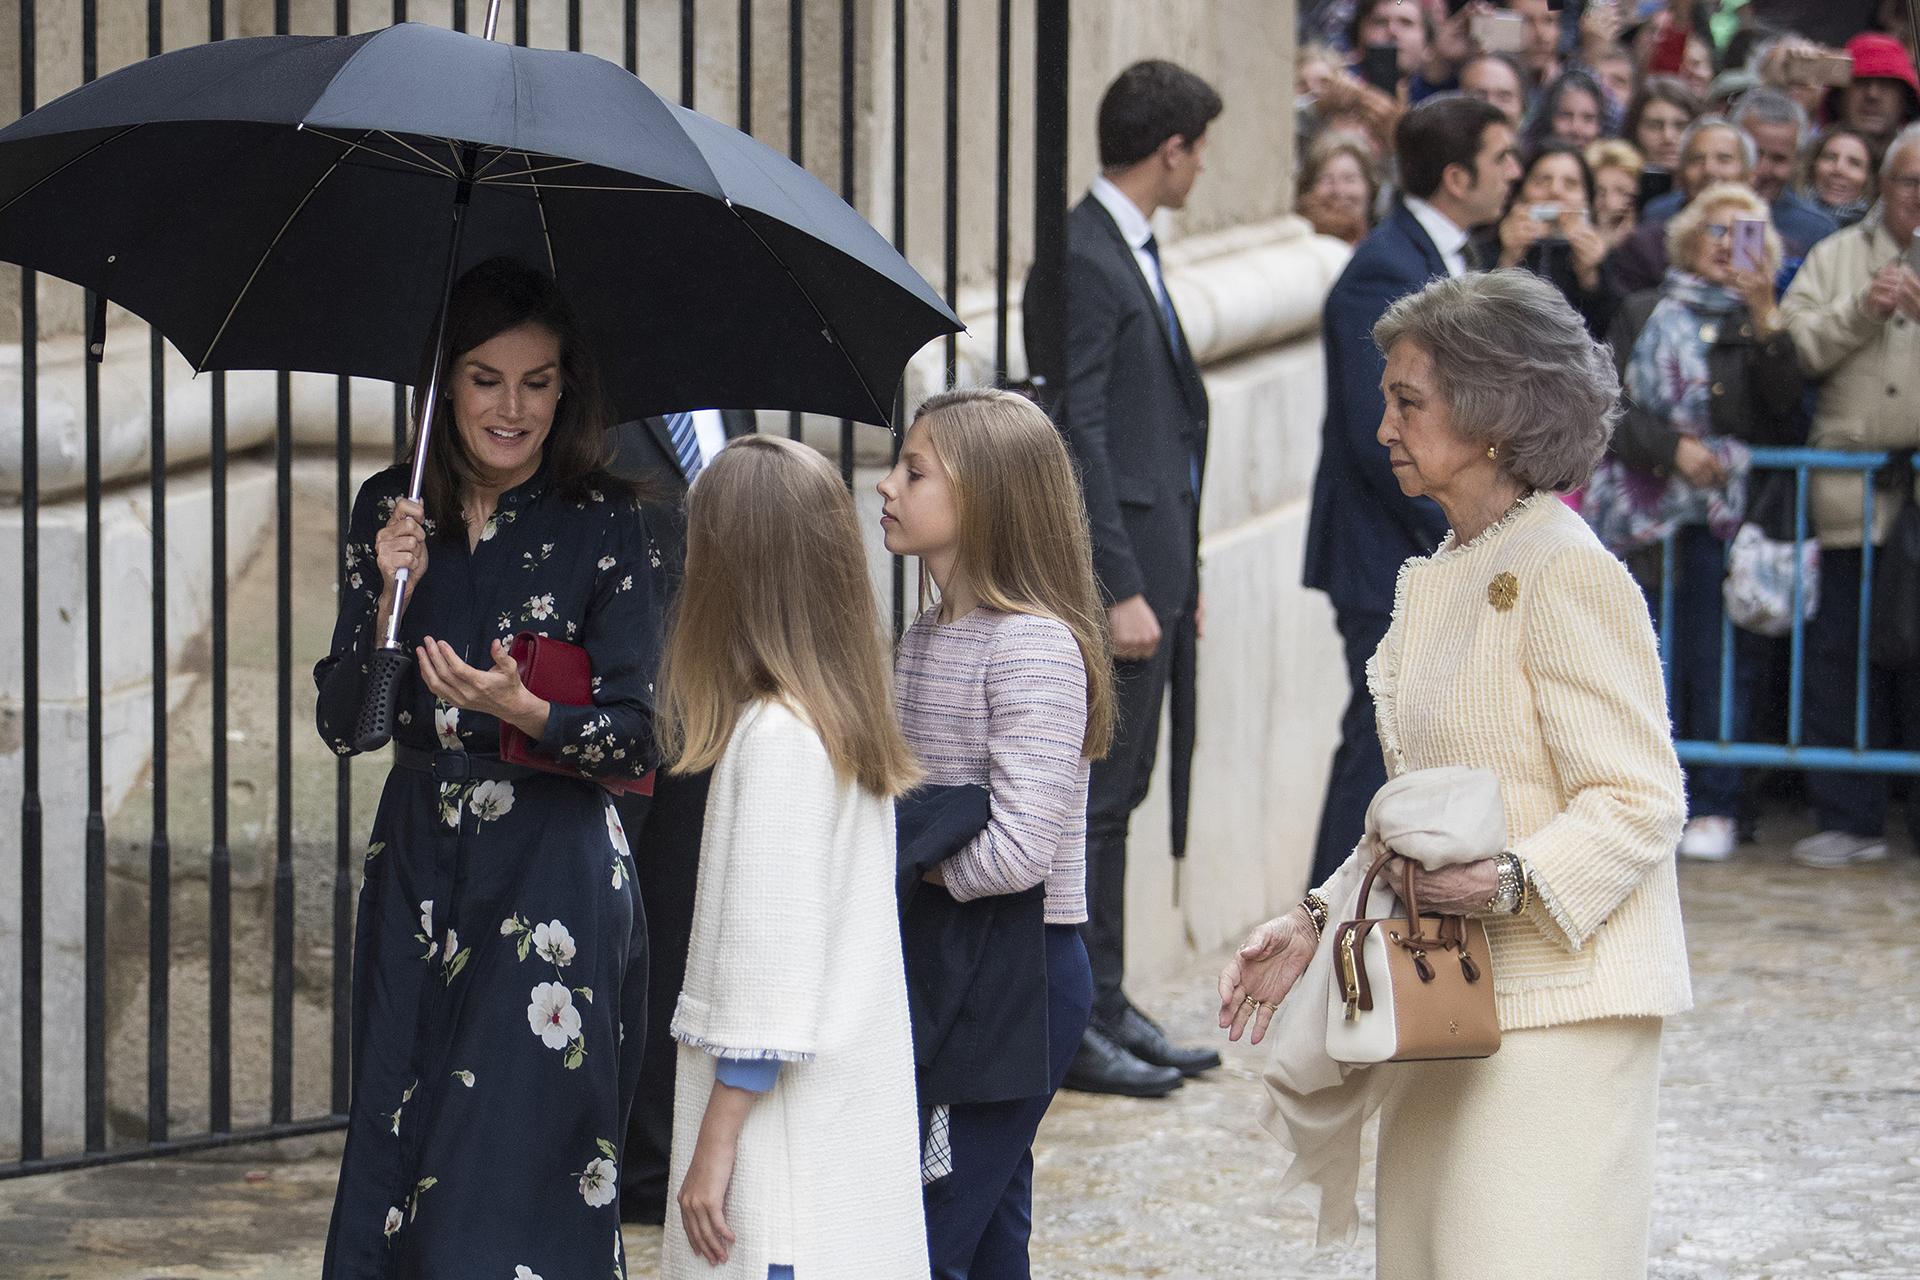 La reina Letizia habla con sus hijas, escoltadas por la reina Emérita Sofía